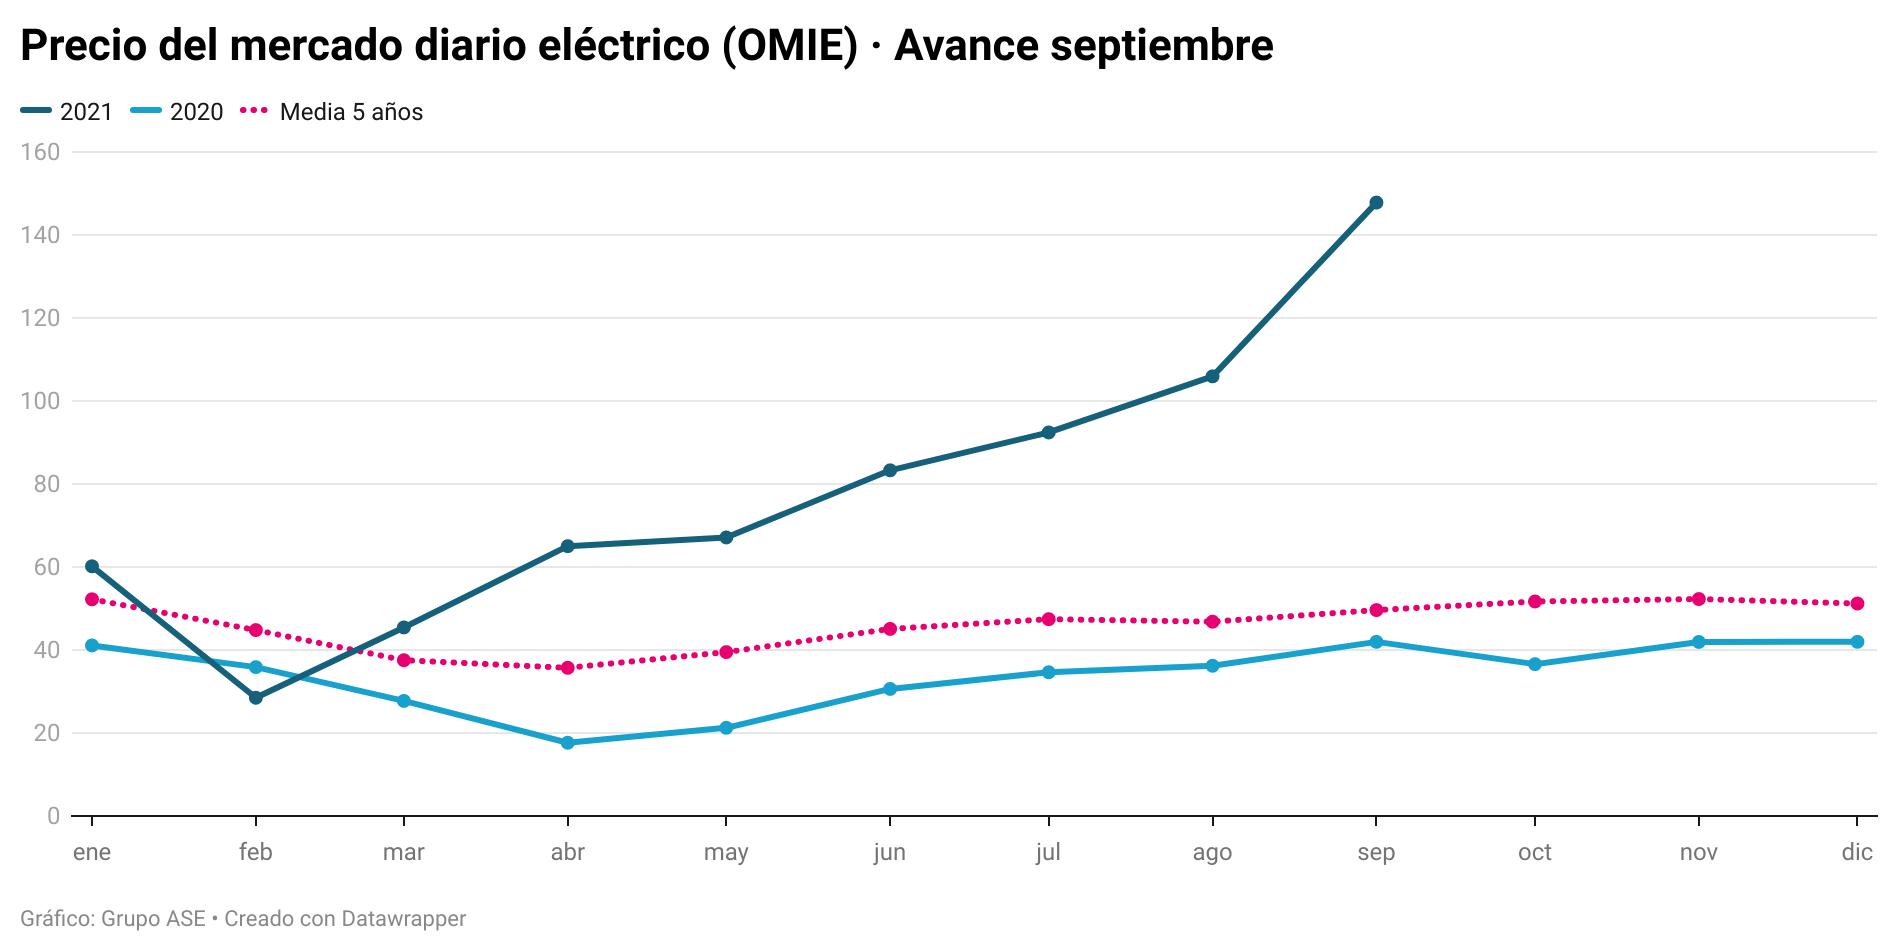 La luz sube un 252% anual con el gas disparado y un 30% menos de producción eólica